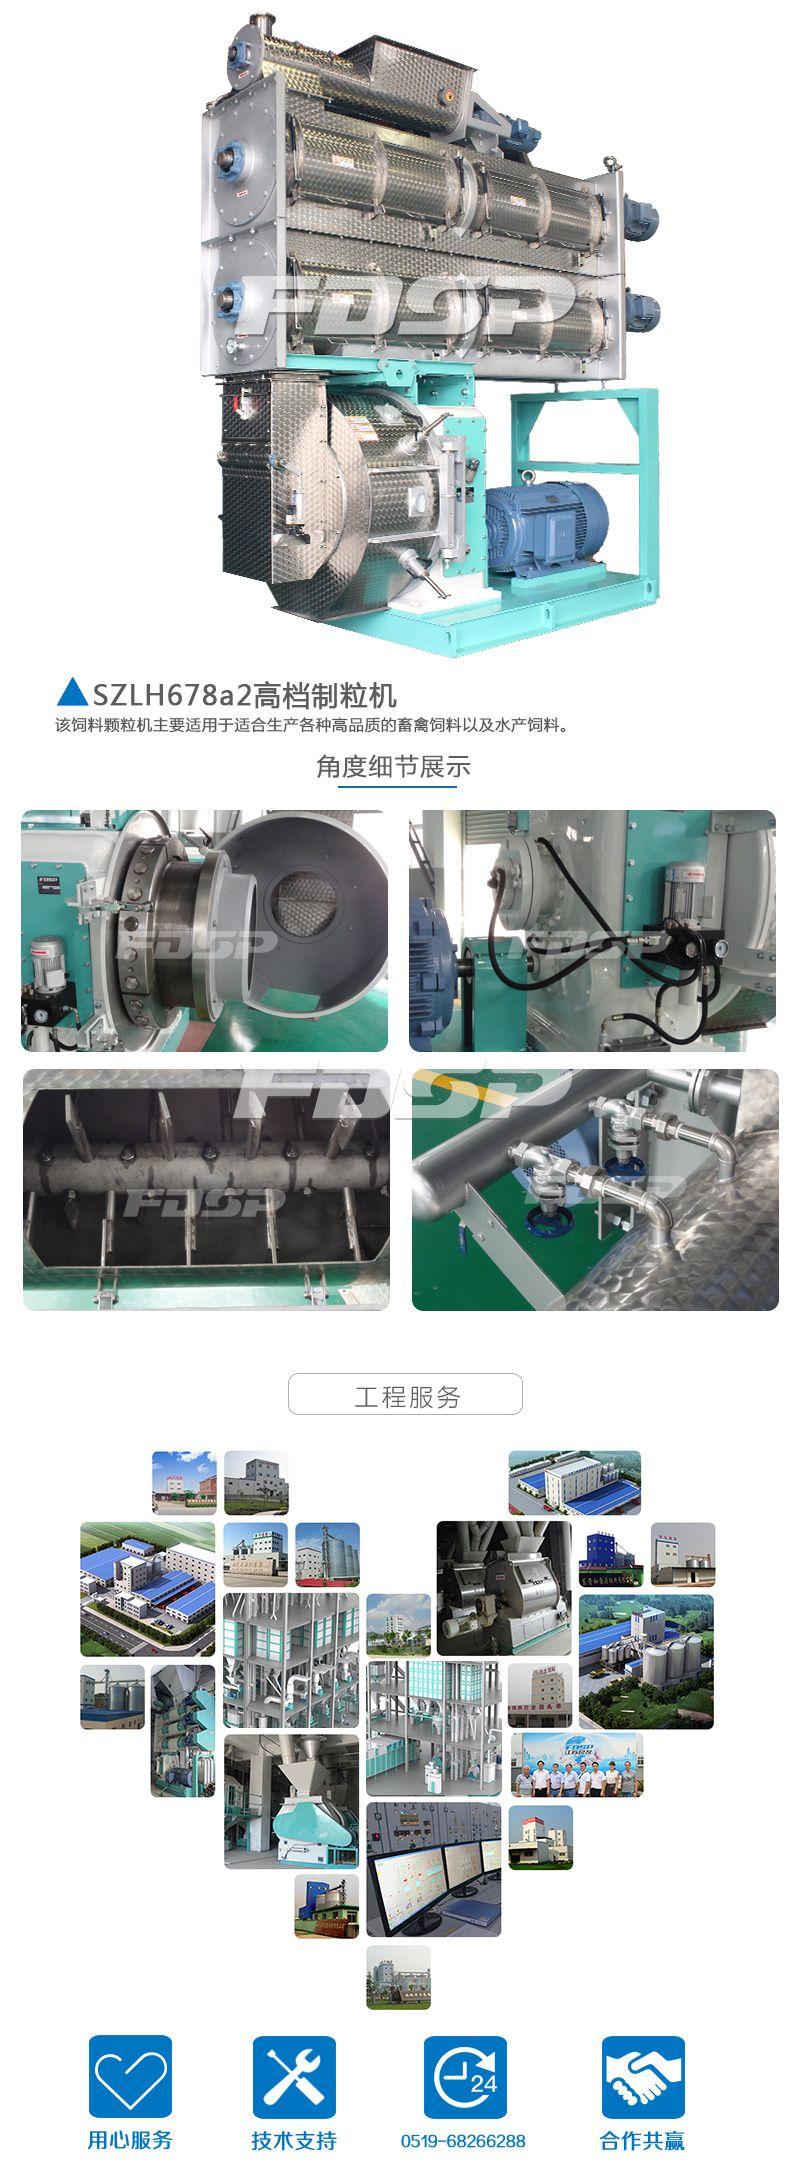 Equipo de procesamiento de alimentos serie SZLH678a2 de granuladora de alimentos para ganado y aves de corral de alta gama